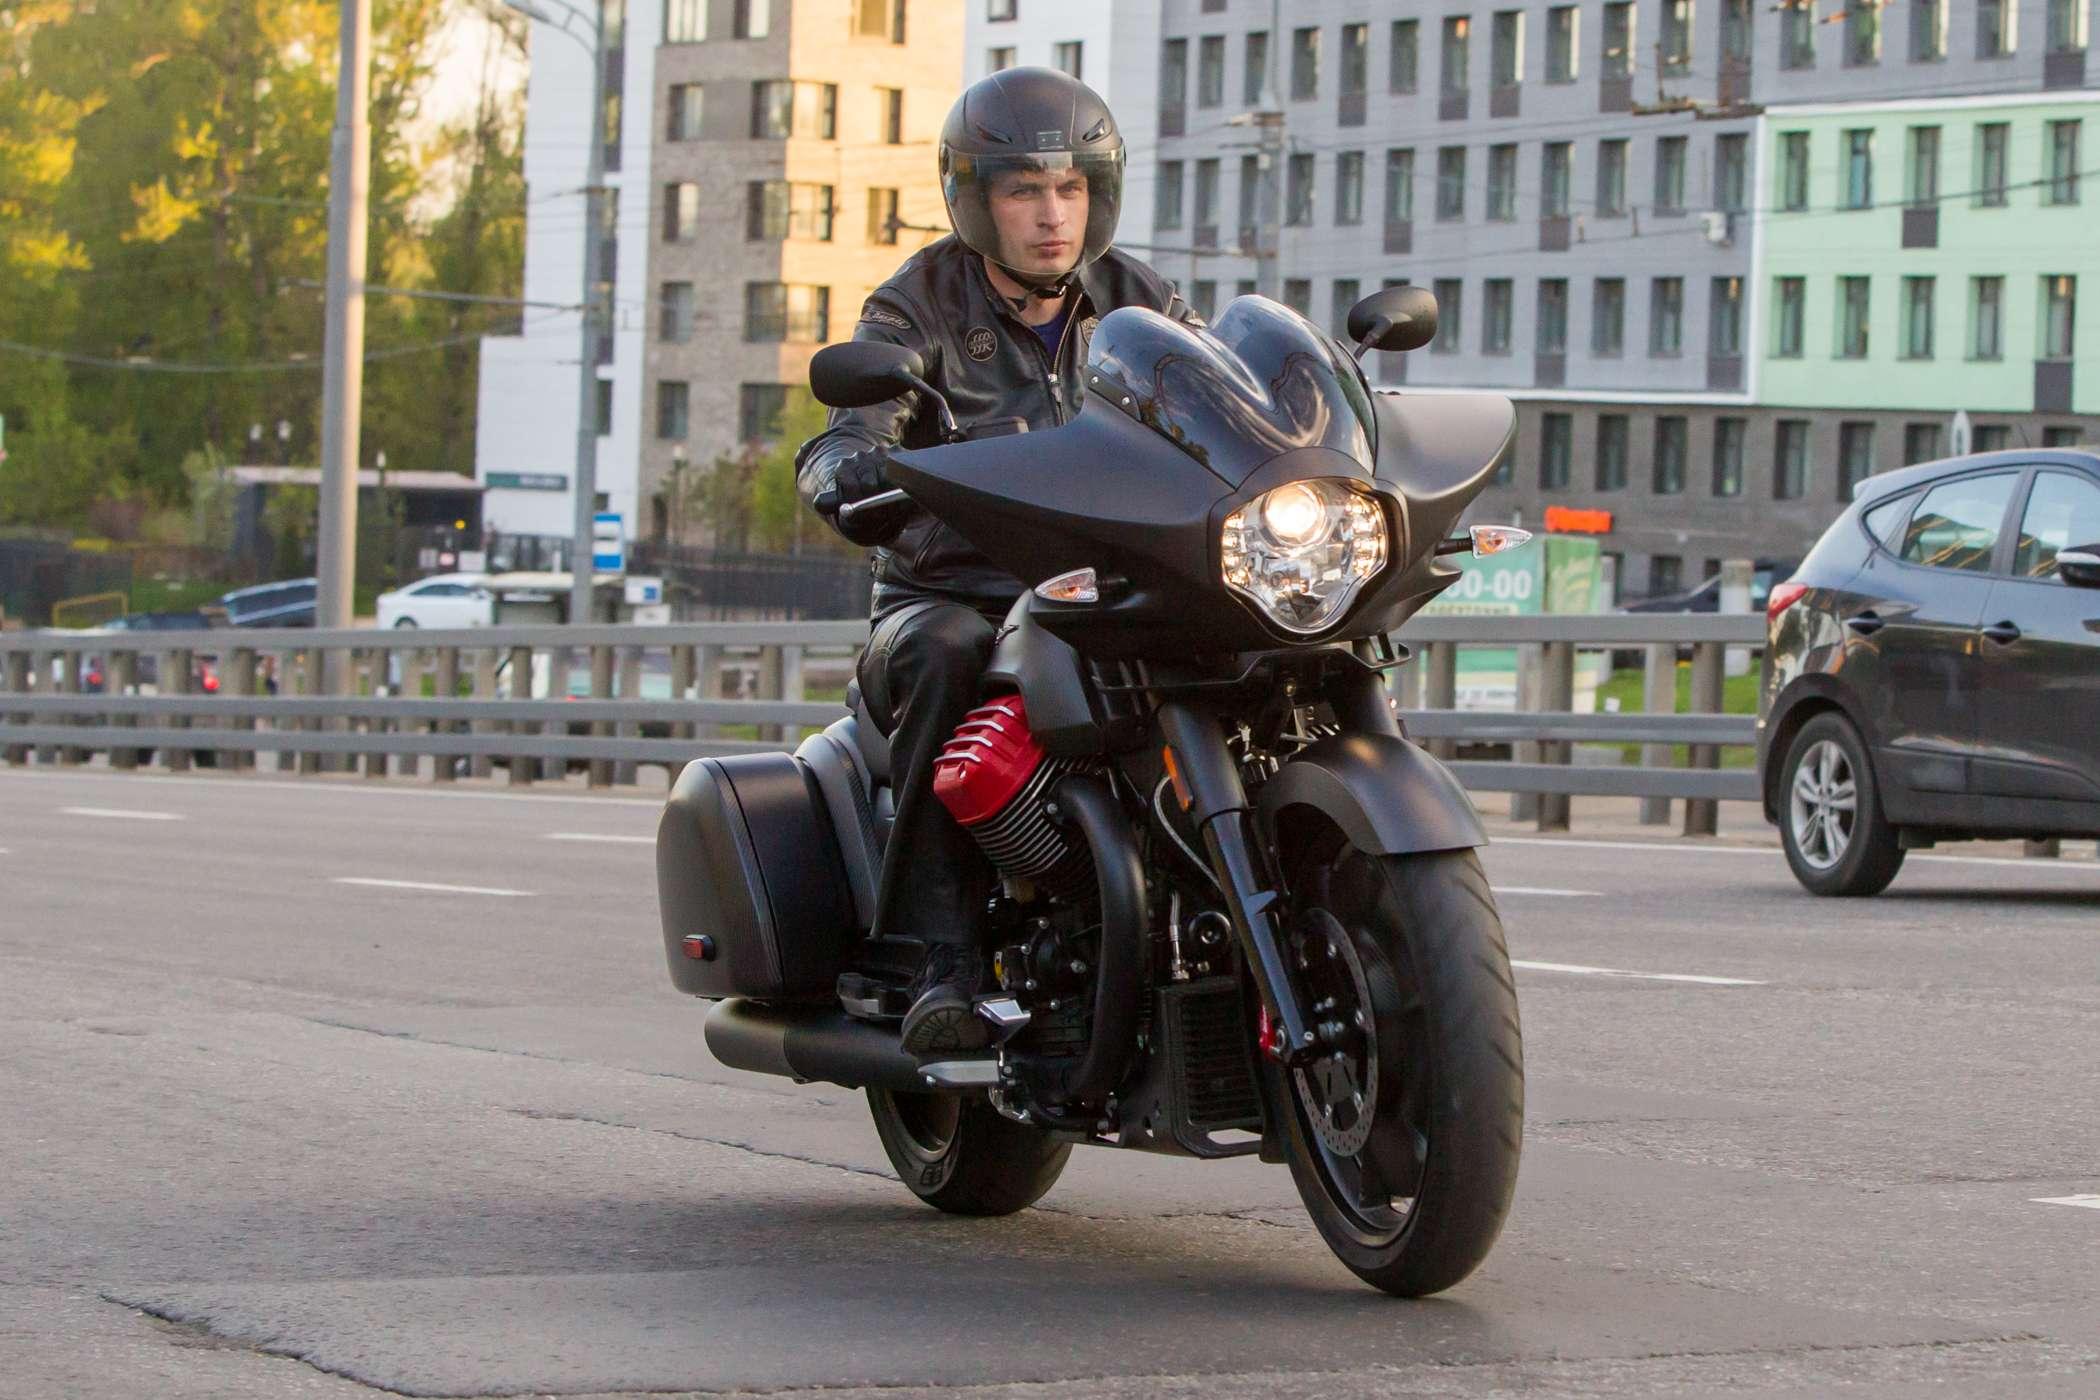 Moto GuzziMGX-21